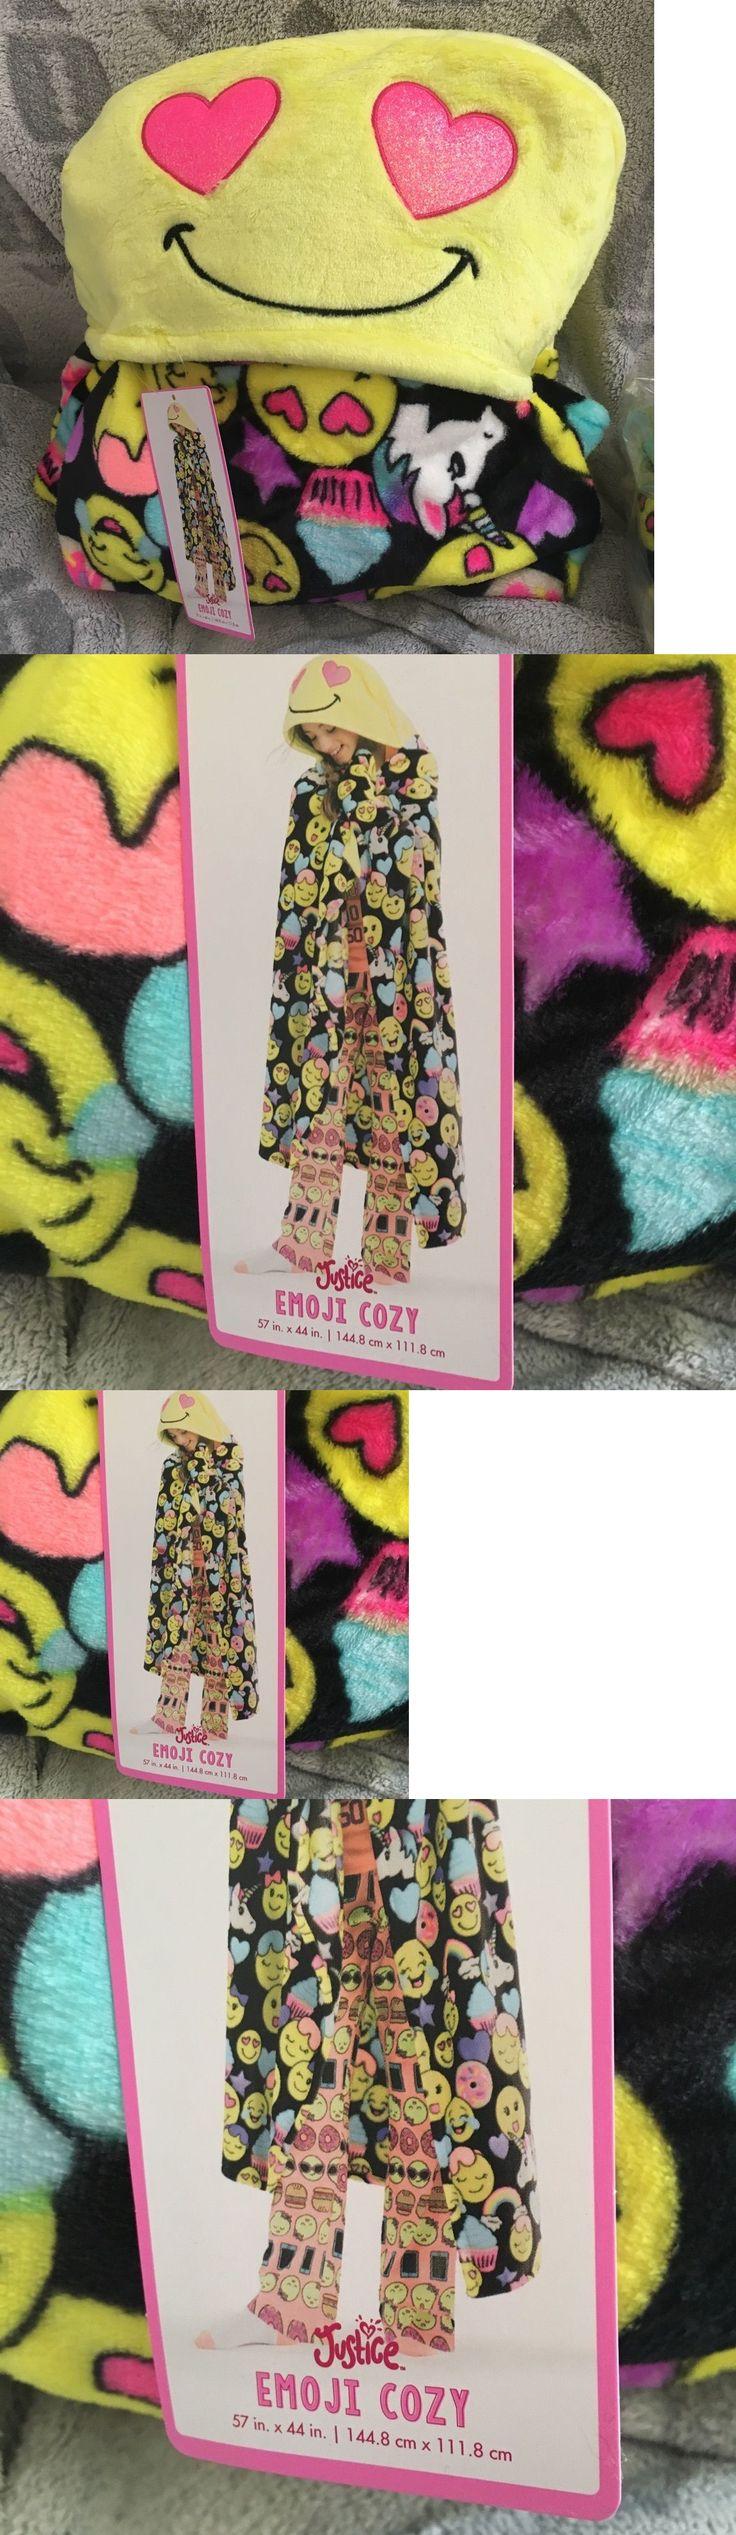 Sleepwear 99735: Justice Girls Emoji Blanket Soft Hooded Sleepovers Cute!!! New Tween -> BUY IT NOW ONLY: $35.99 on eBay!